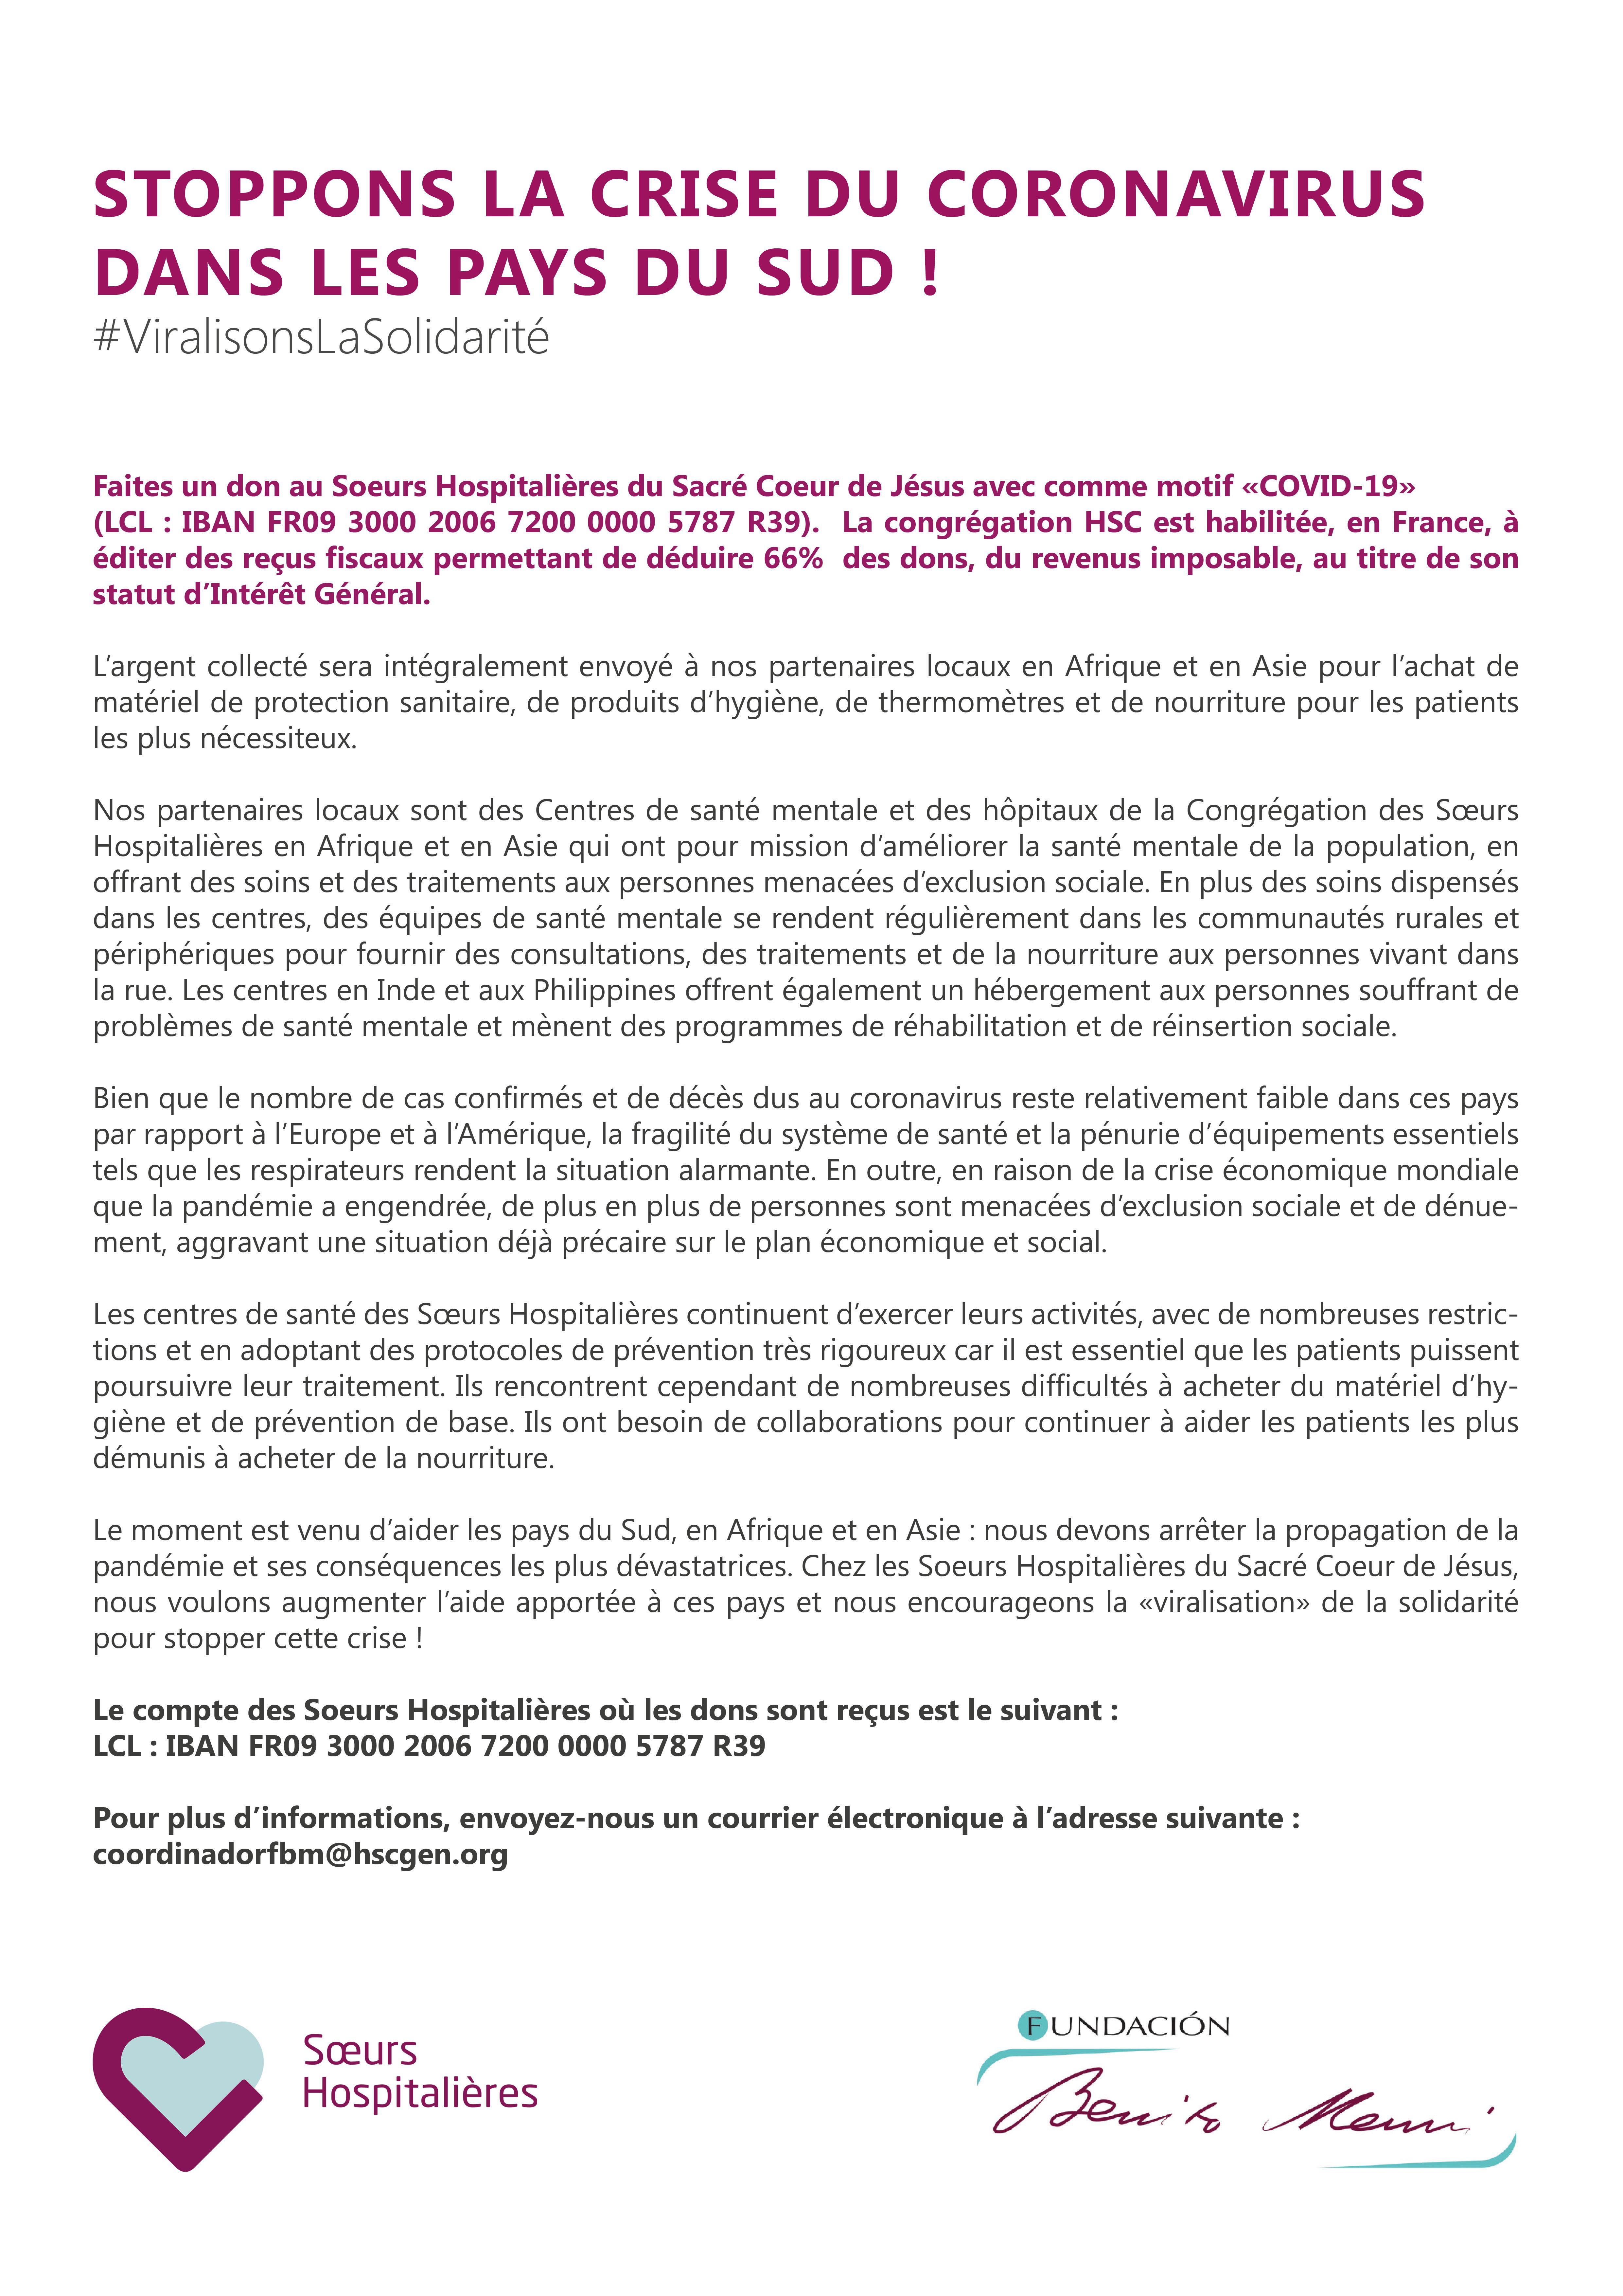 fundraising_message_fr